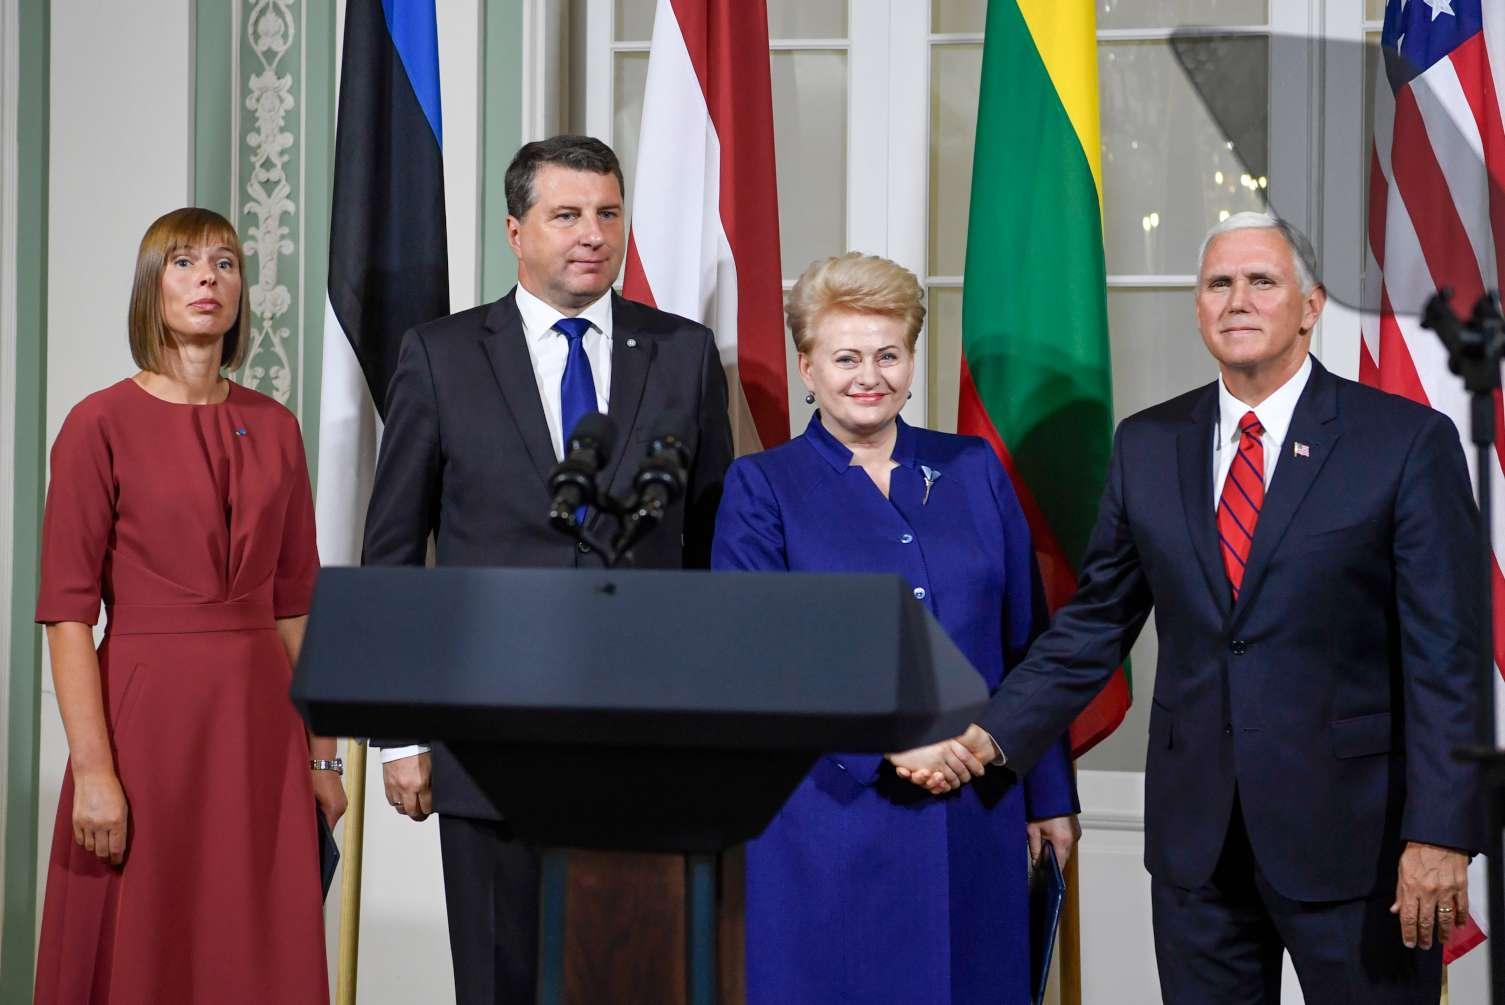 JAV išreiškė palaikymą Baltijos šalims | lrp.lt, R. Dačkaus nuotr.